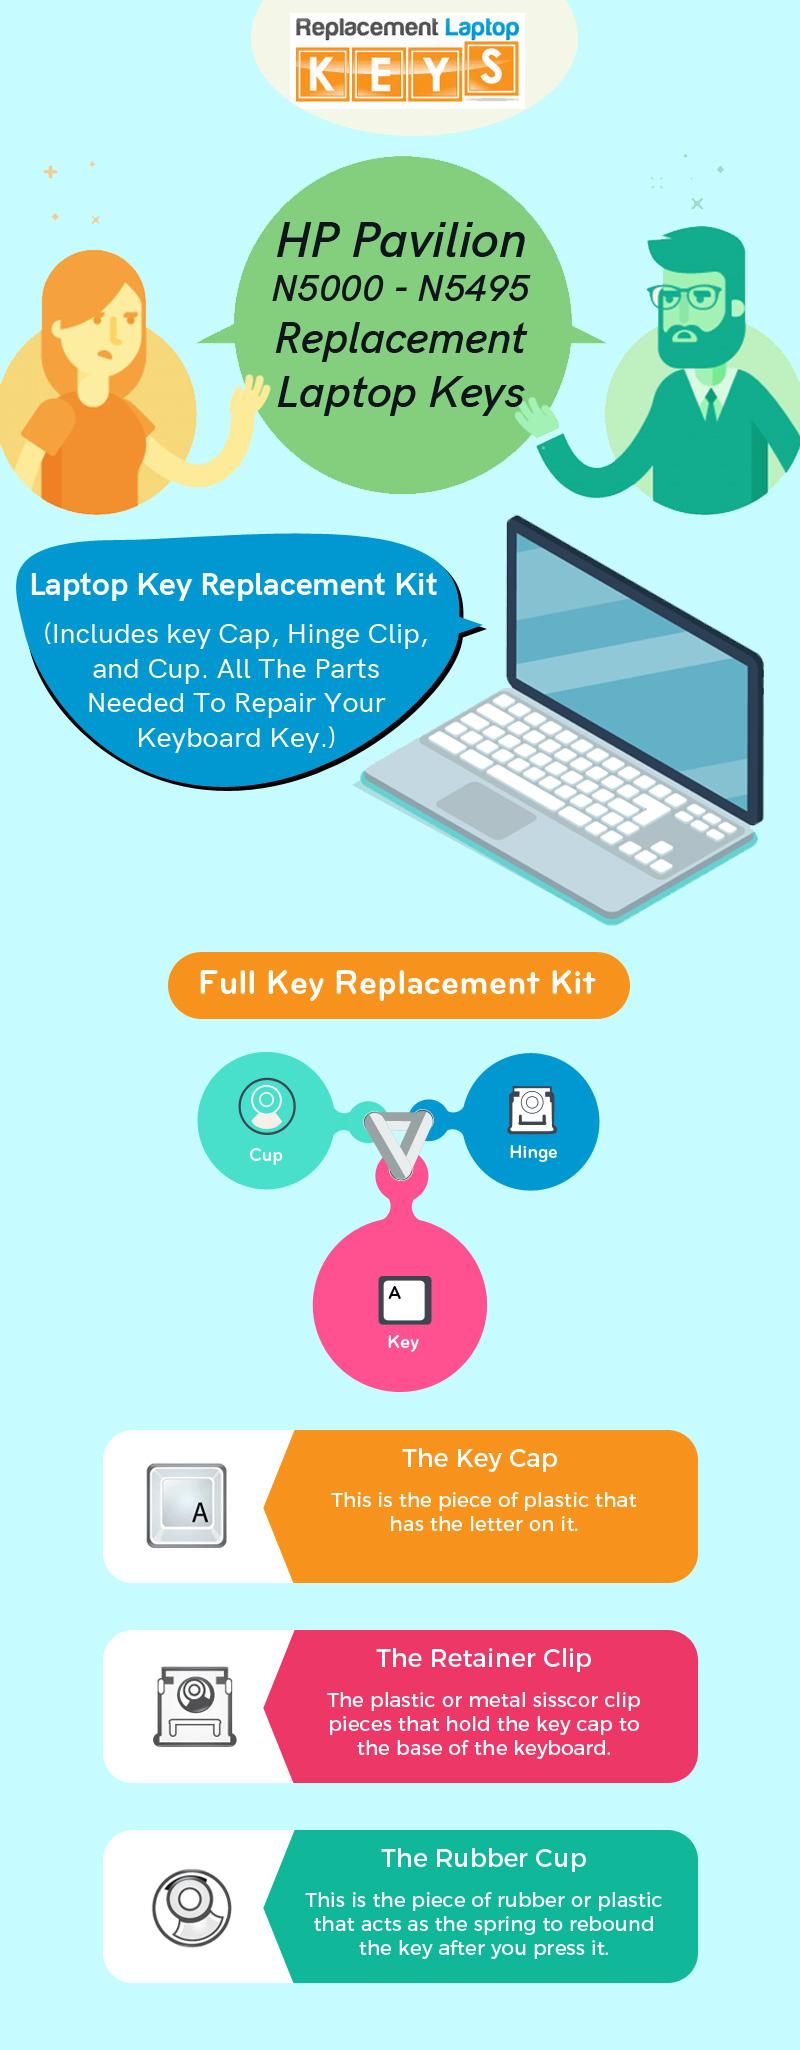 Buy Original HP Pavilion N5000 – N5495 Laptop Replacement keys Online